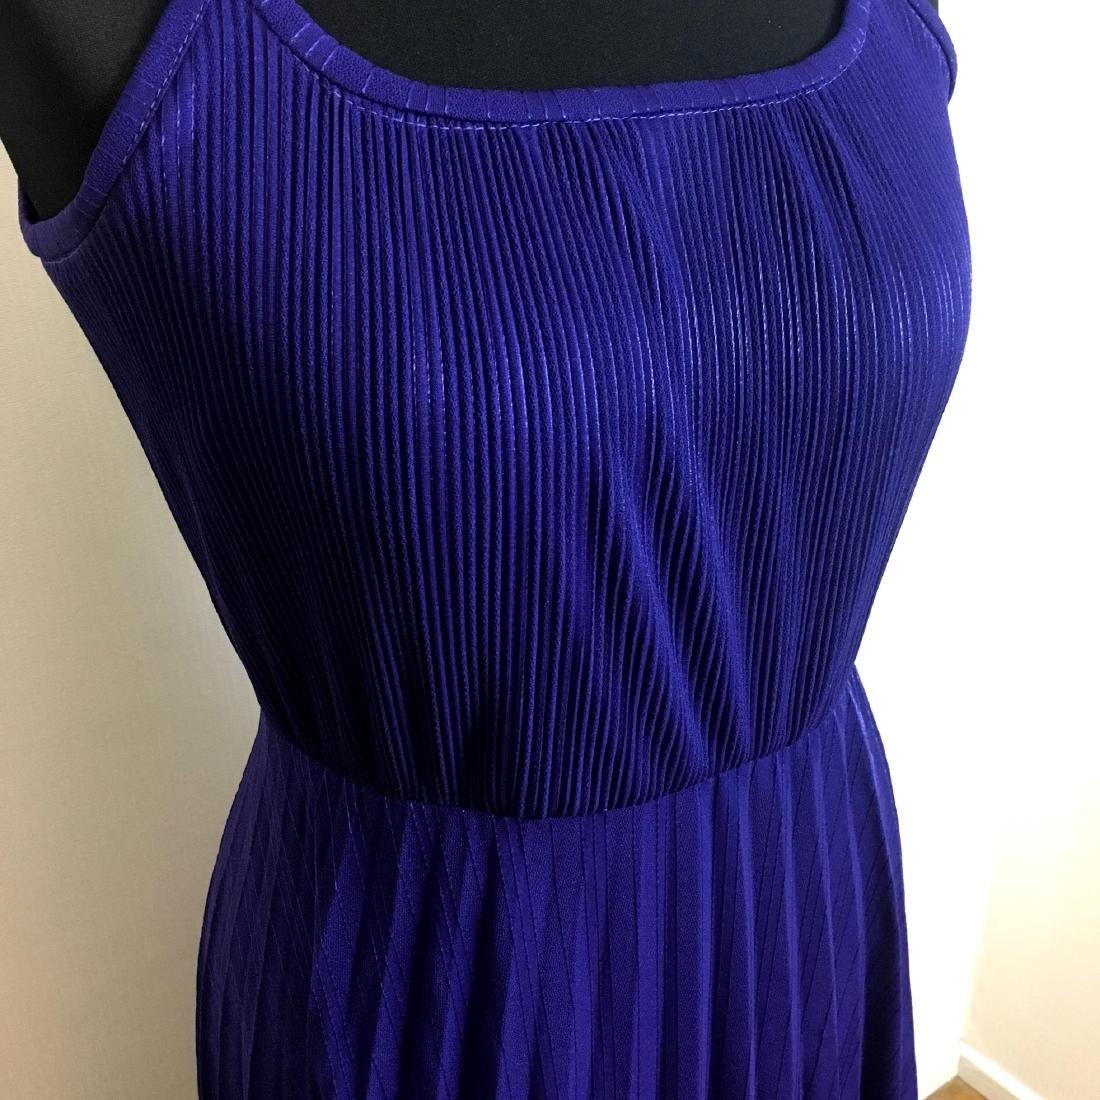 Vintage Women's Coctail Evening Maxi Dress - 3